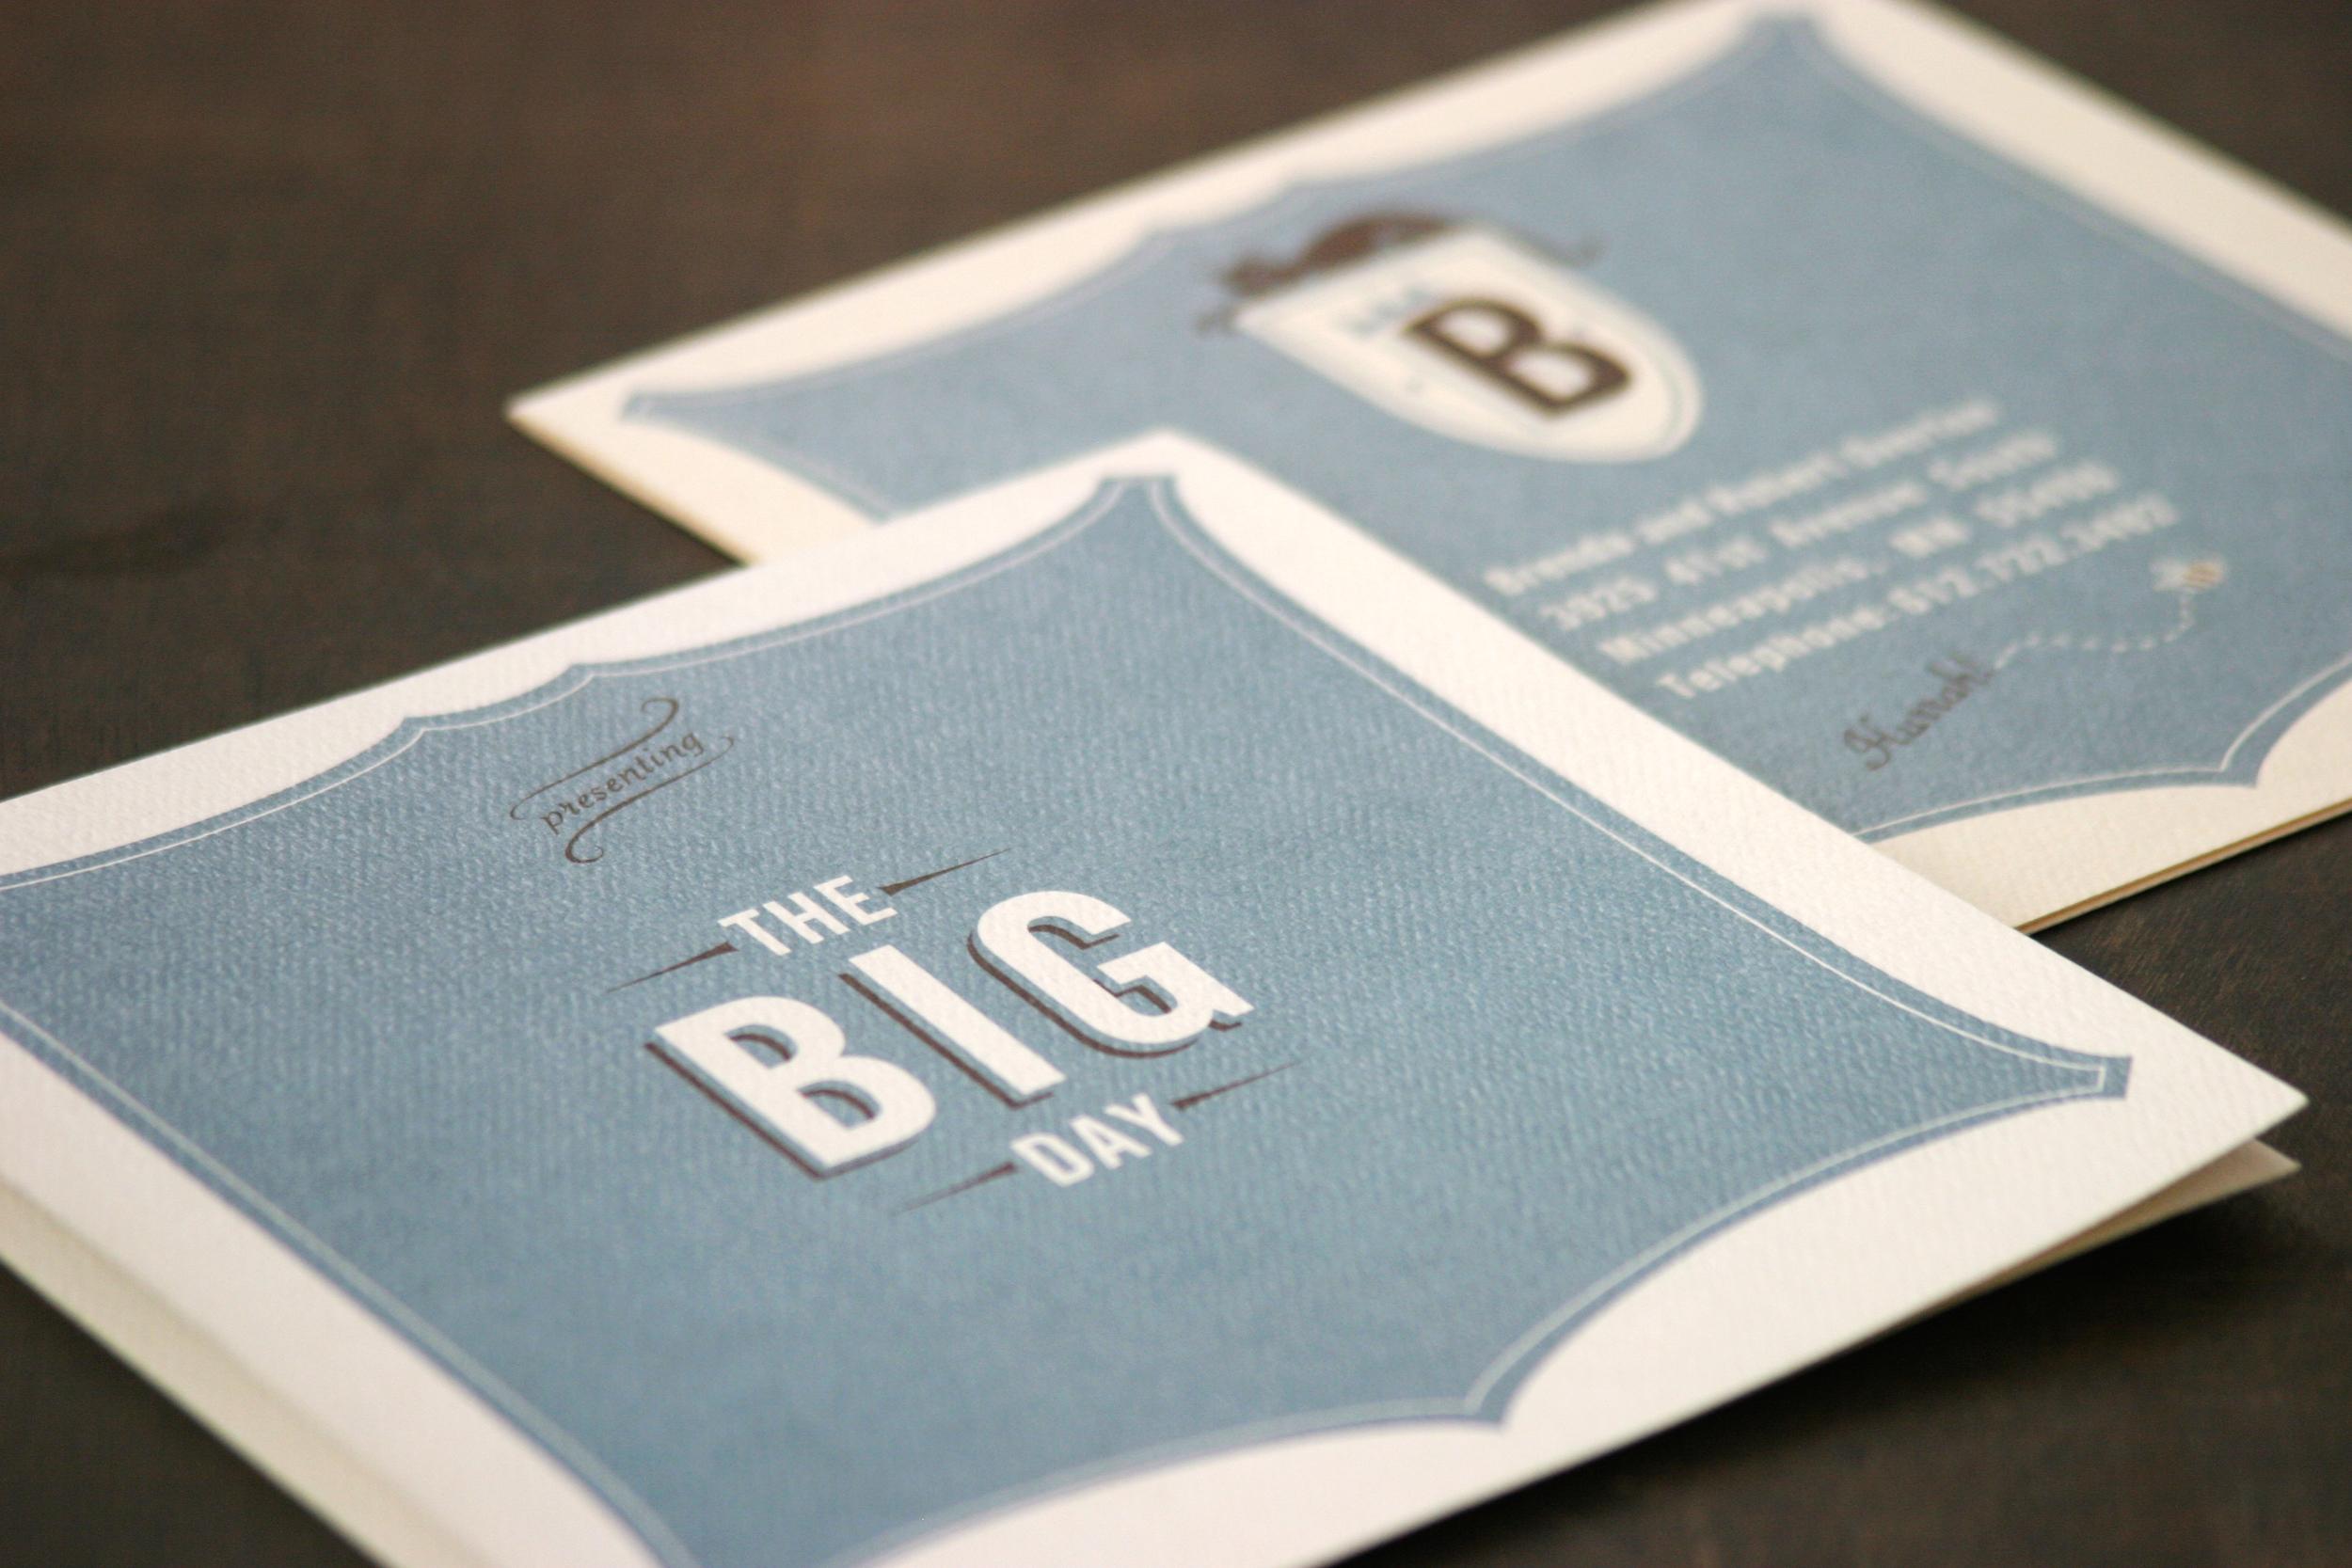 invite_bigday.jpg